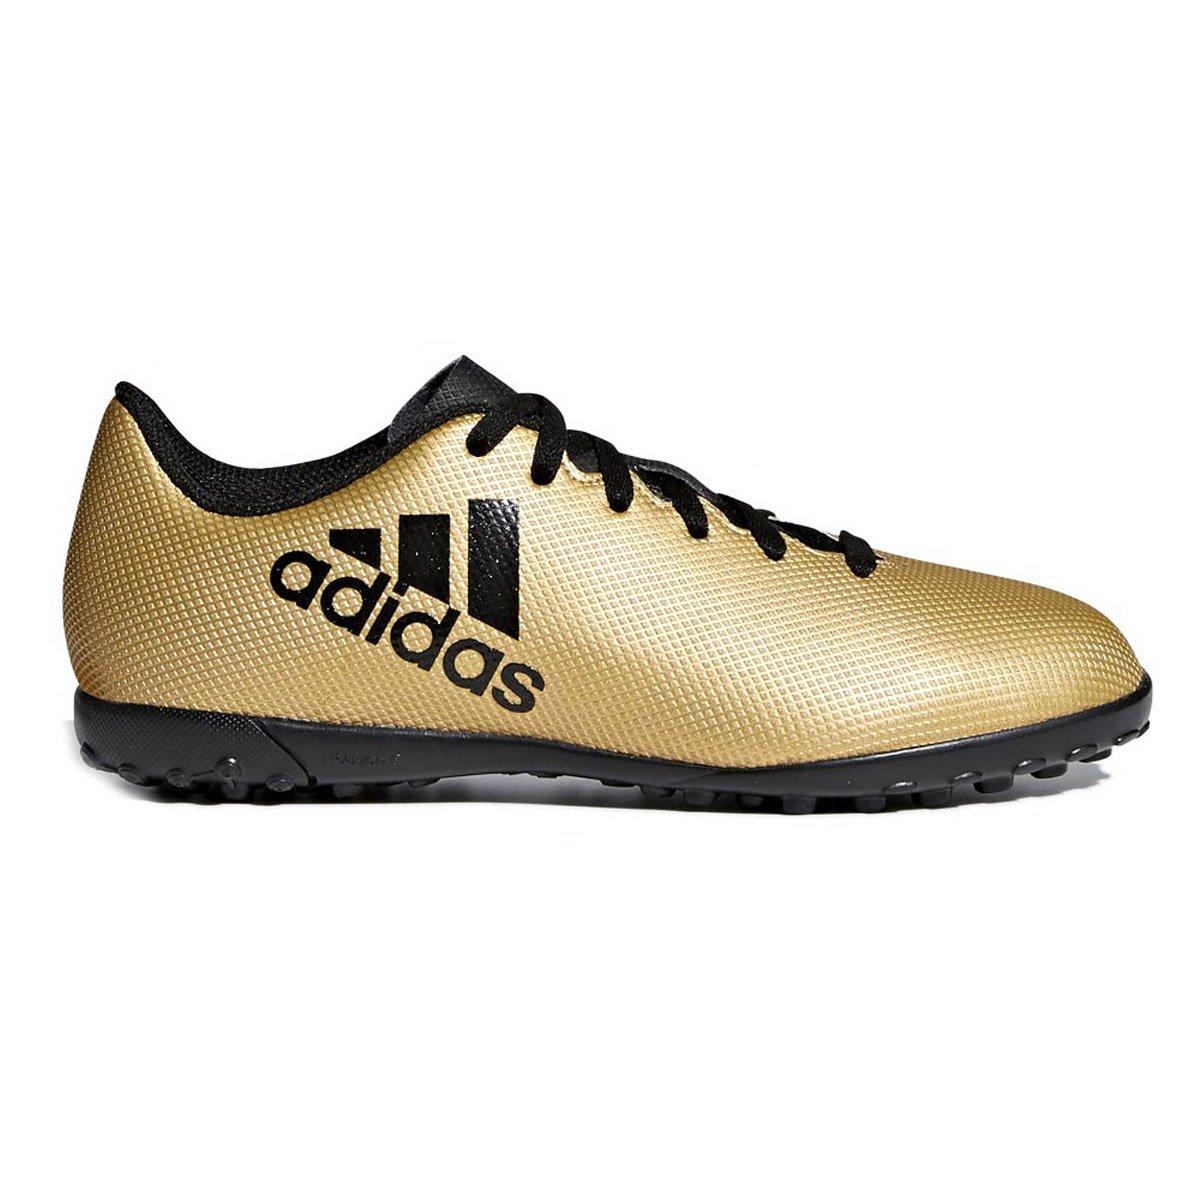 85571b90553 4 Me Adidas Sears com Infantil Tf X Tango mx Calzado 17 Soccer HnPSwqPT1